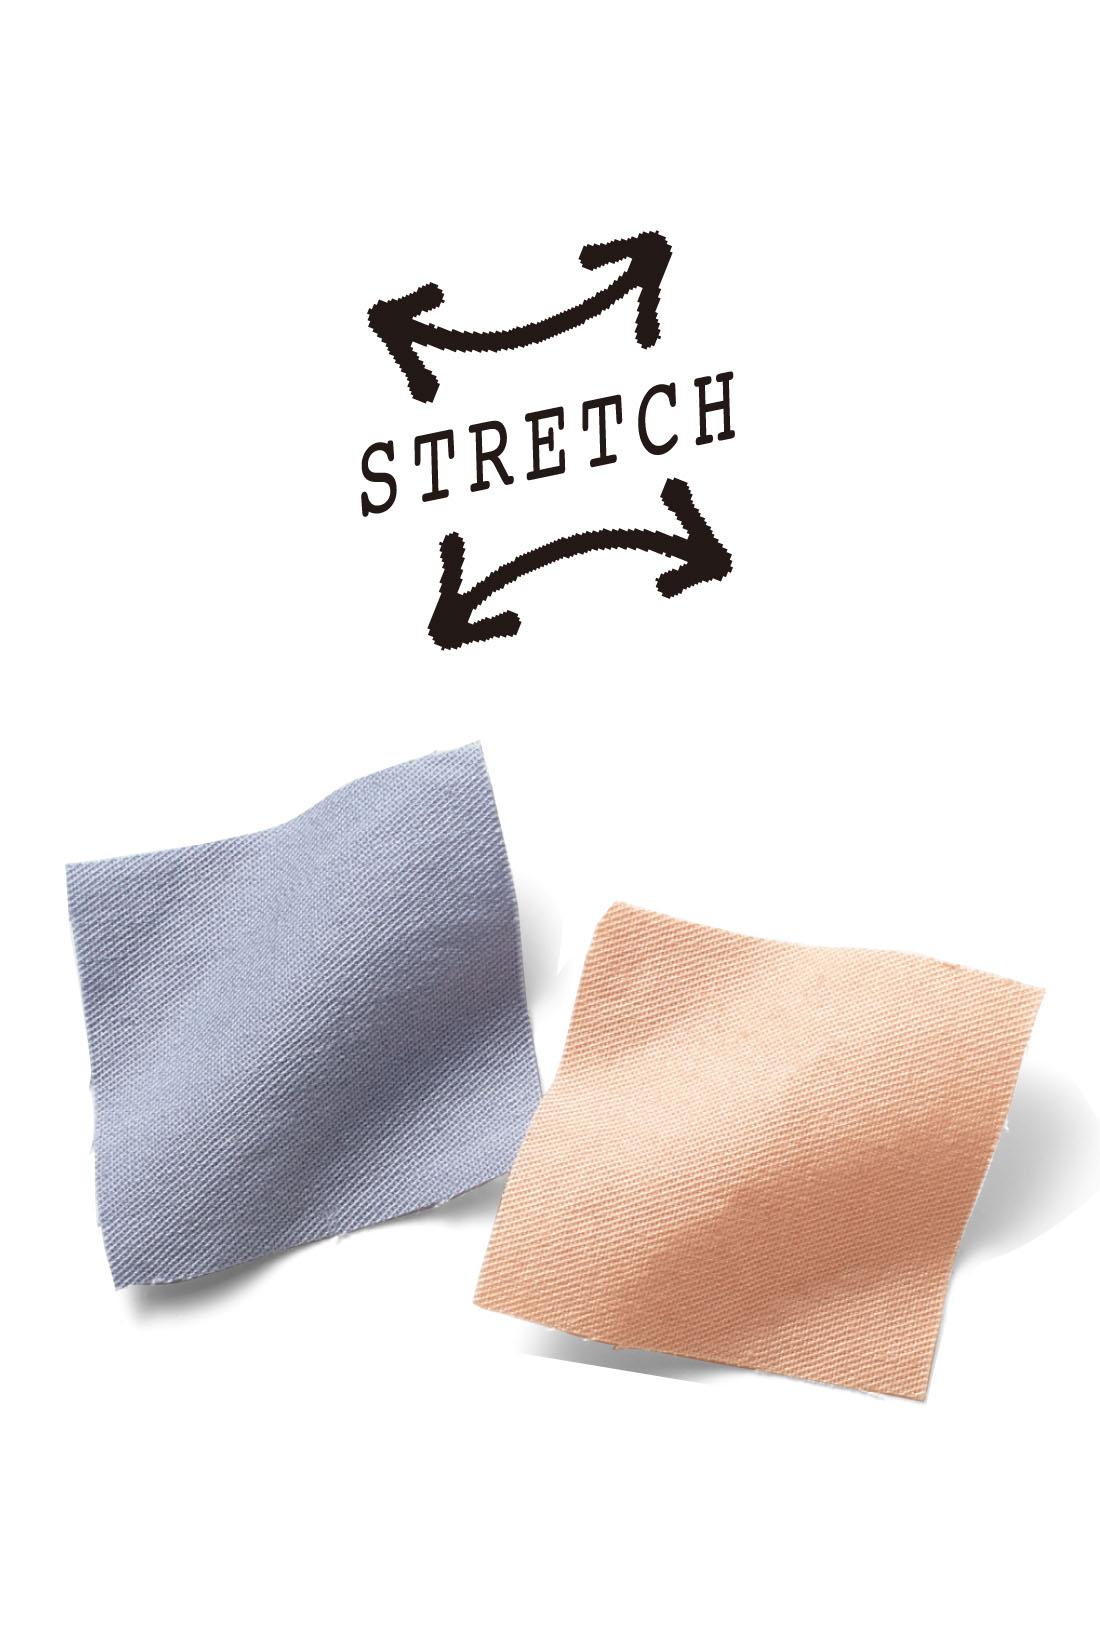 軽さも伸びやかさも抜群の綿混のストレッチ素材。定番トップスと合わせるだけで華やぐ彩りです。